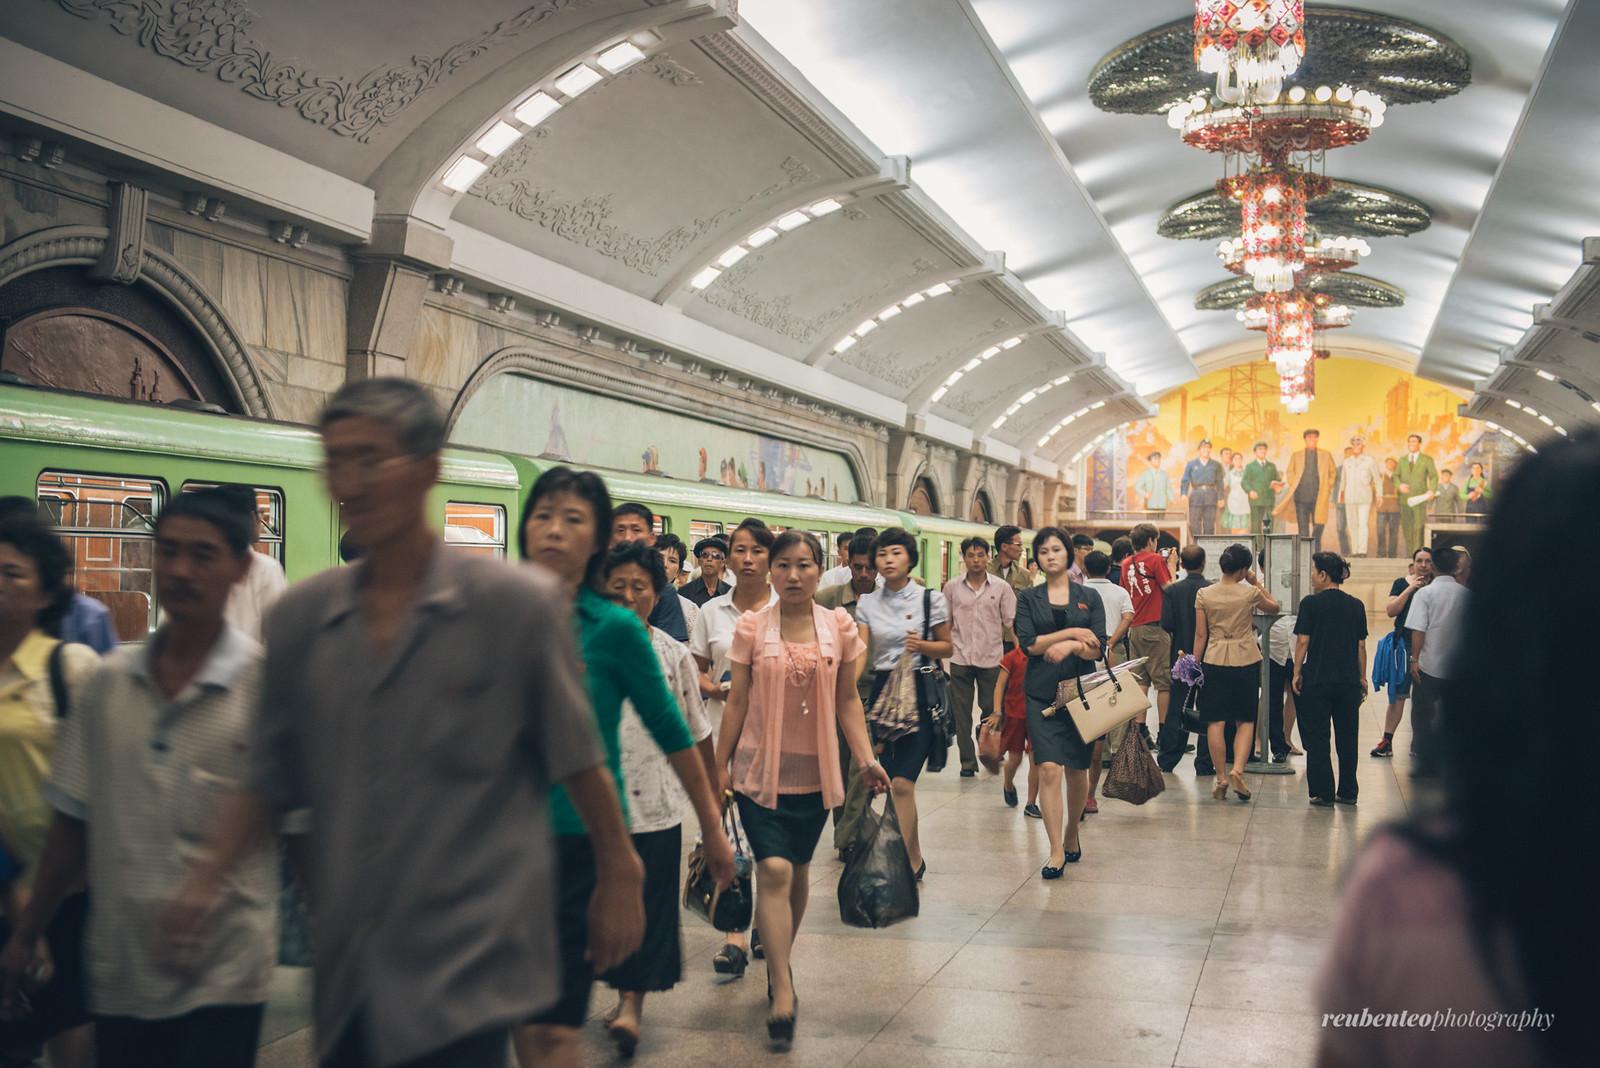 Pyongyang Metro Station